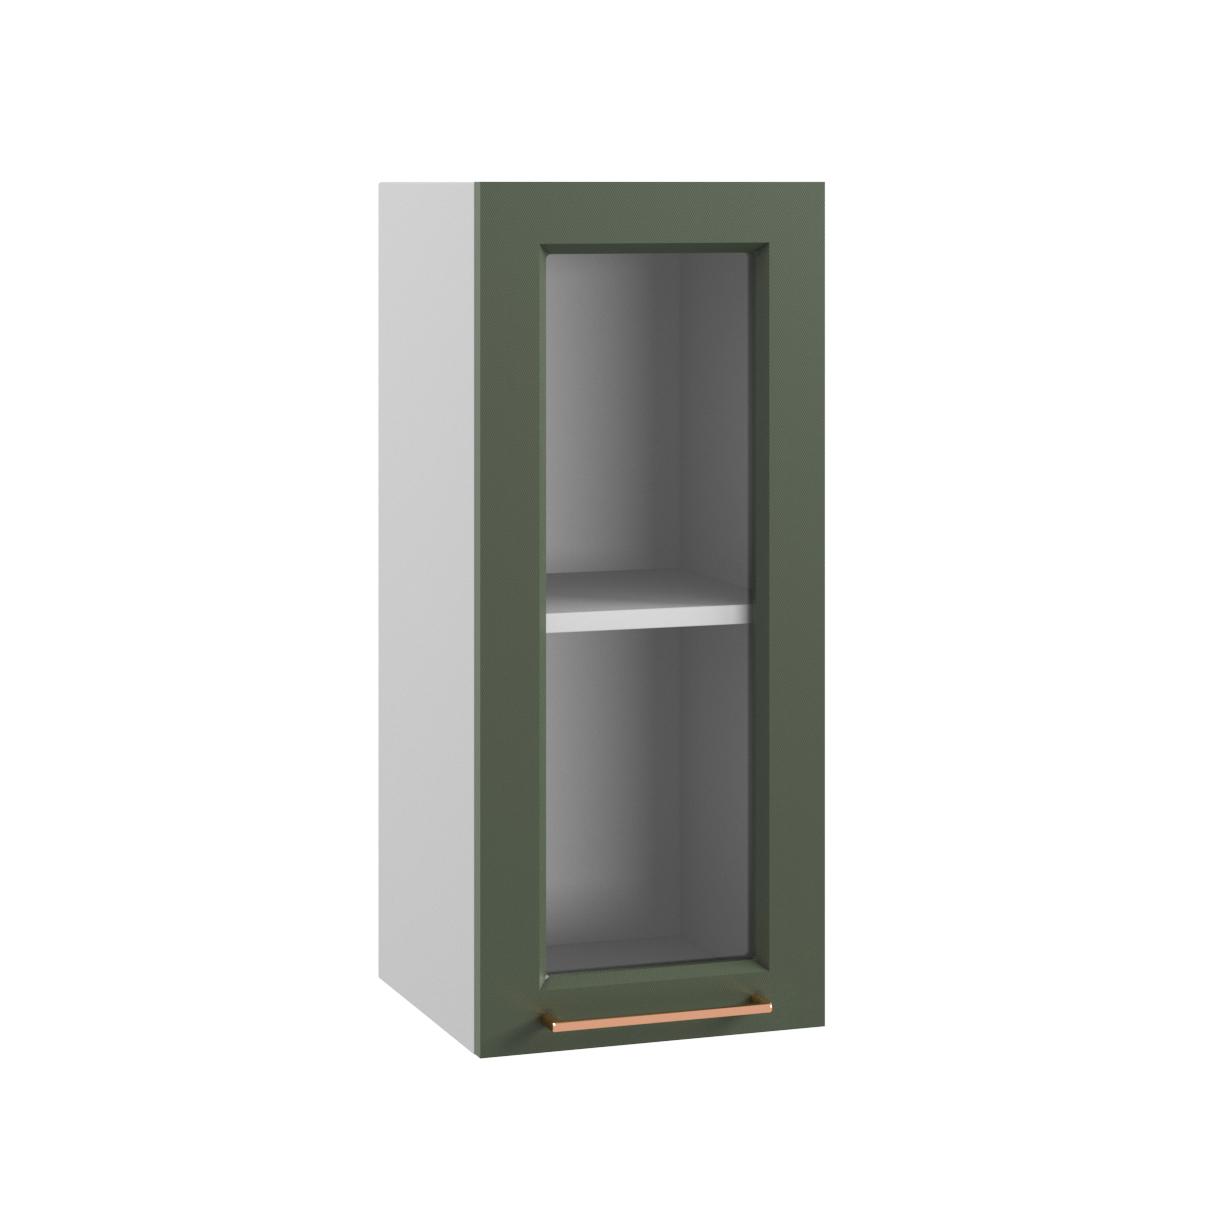 Кухня Квадро ПС 300 Шкаф верхний стекло